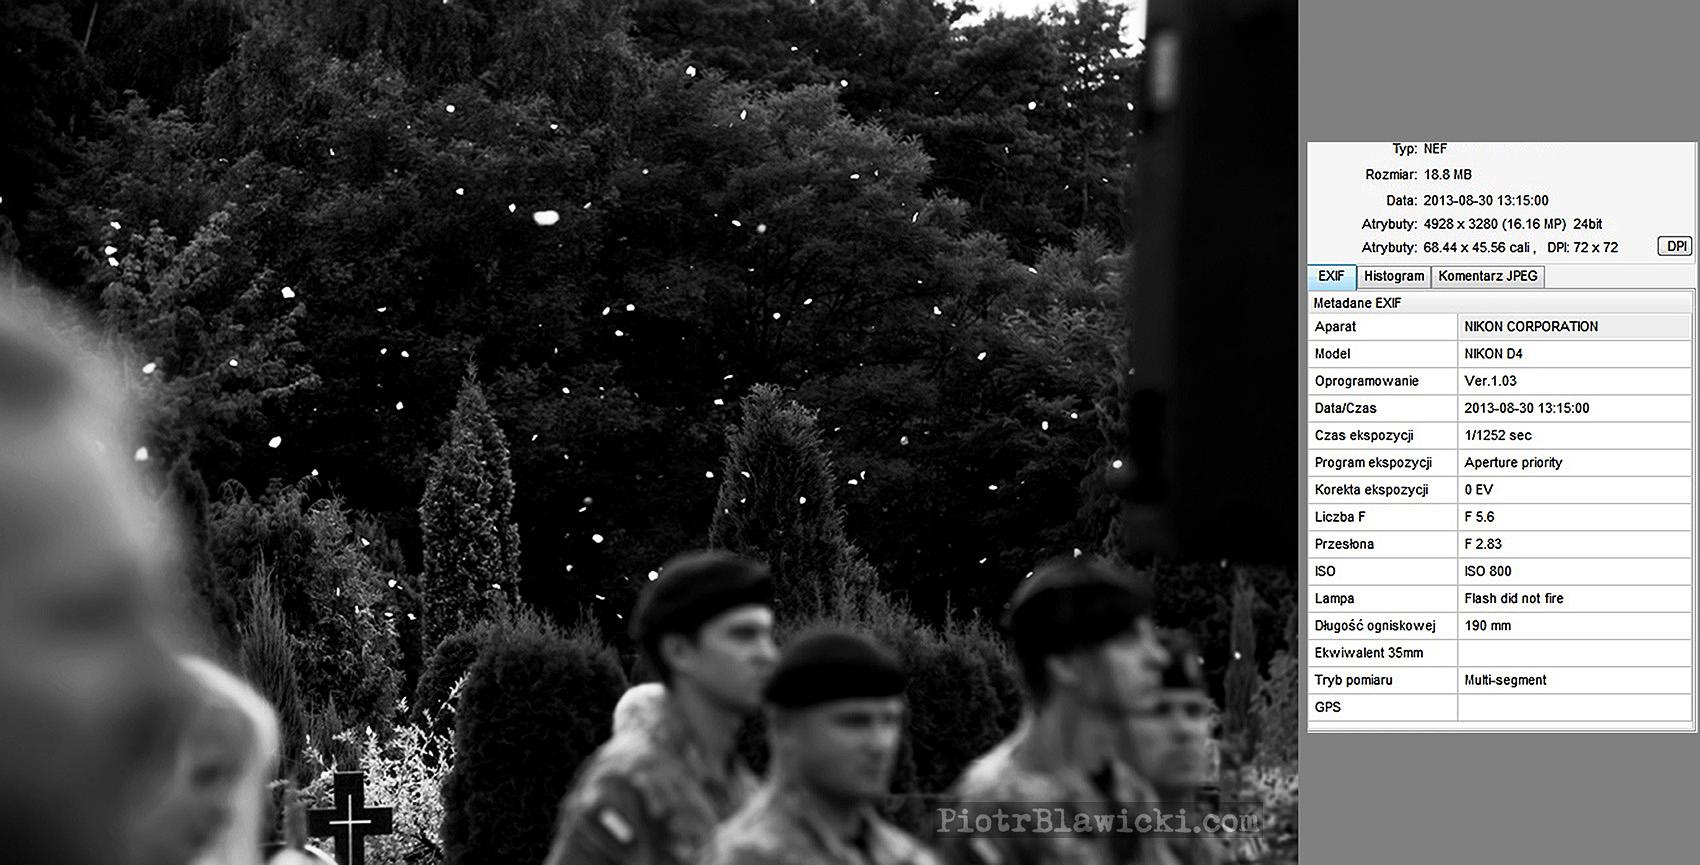 spadające biało-czerwone płatki róż, które w czasie składania trumny do grobu rozrzucił nad cmentarzem wojskowy śmigłowiec